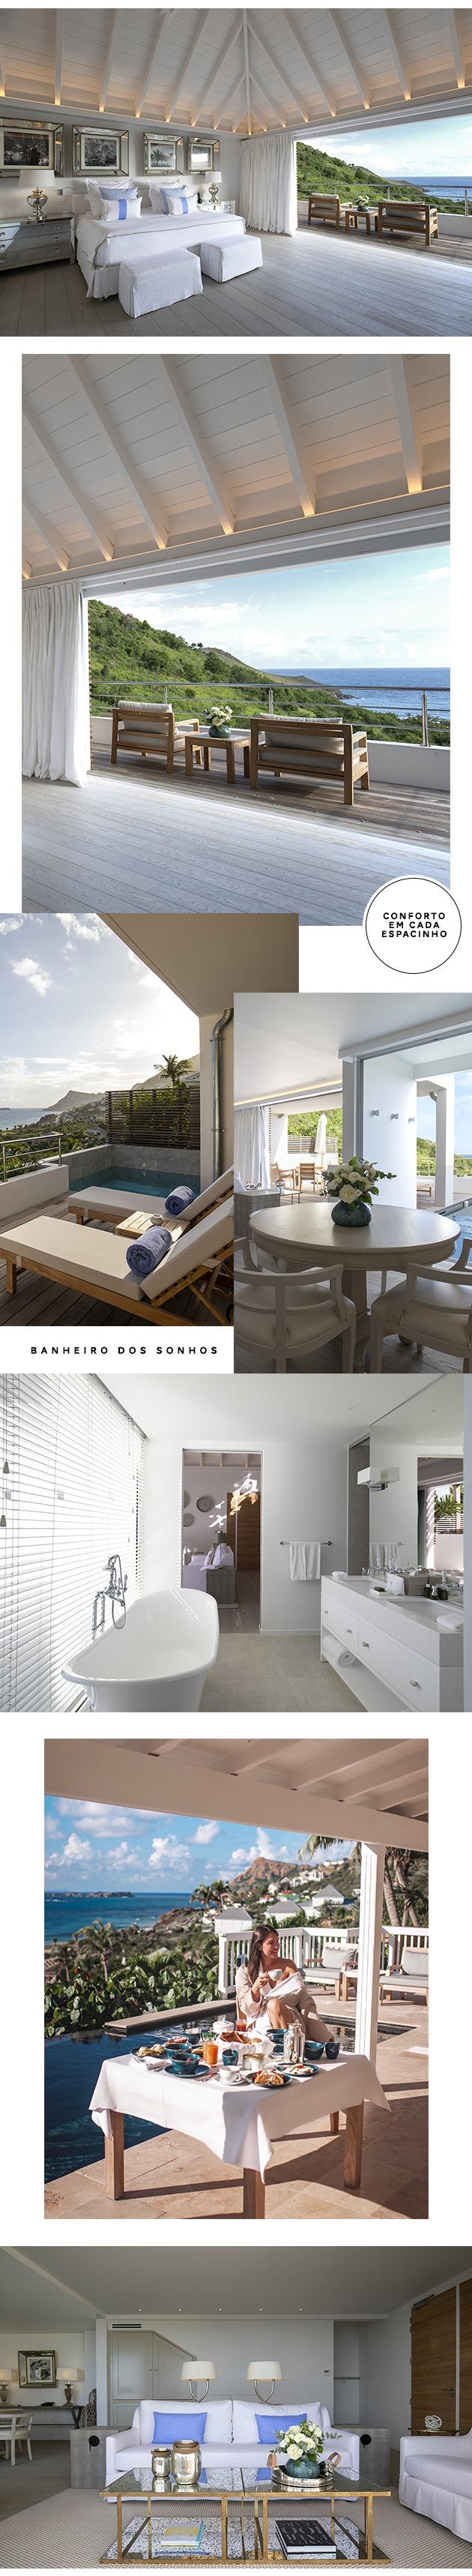 Hotel-Le-Toiny-Relais-Chateaux-Dicas-de-St.Barth-St.Barths-Tudo-sobre-infos-o-que-fazer-roteiro-de-viagem-guia-onde-ficar-se-hospedar-hotel-praias-Saint-Barthelemy